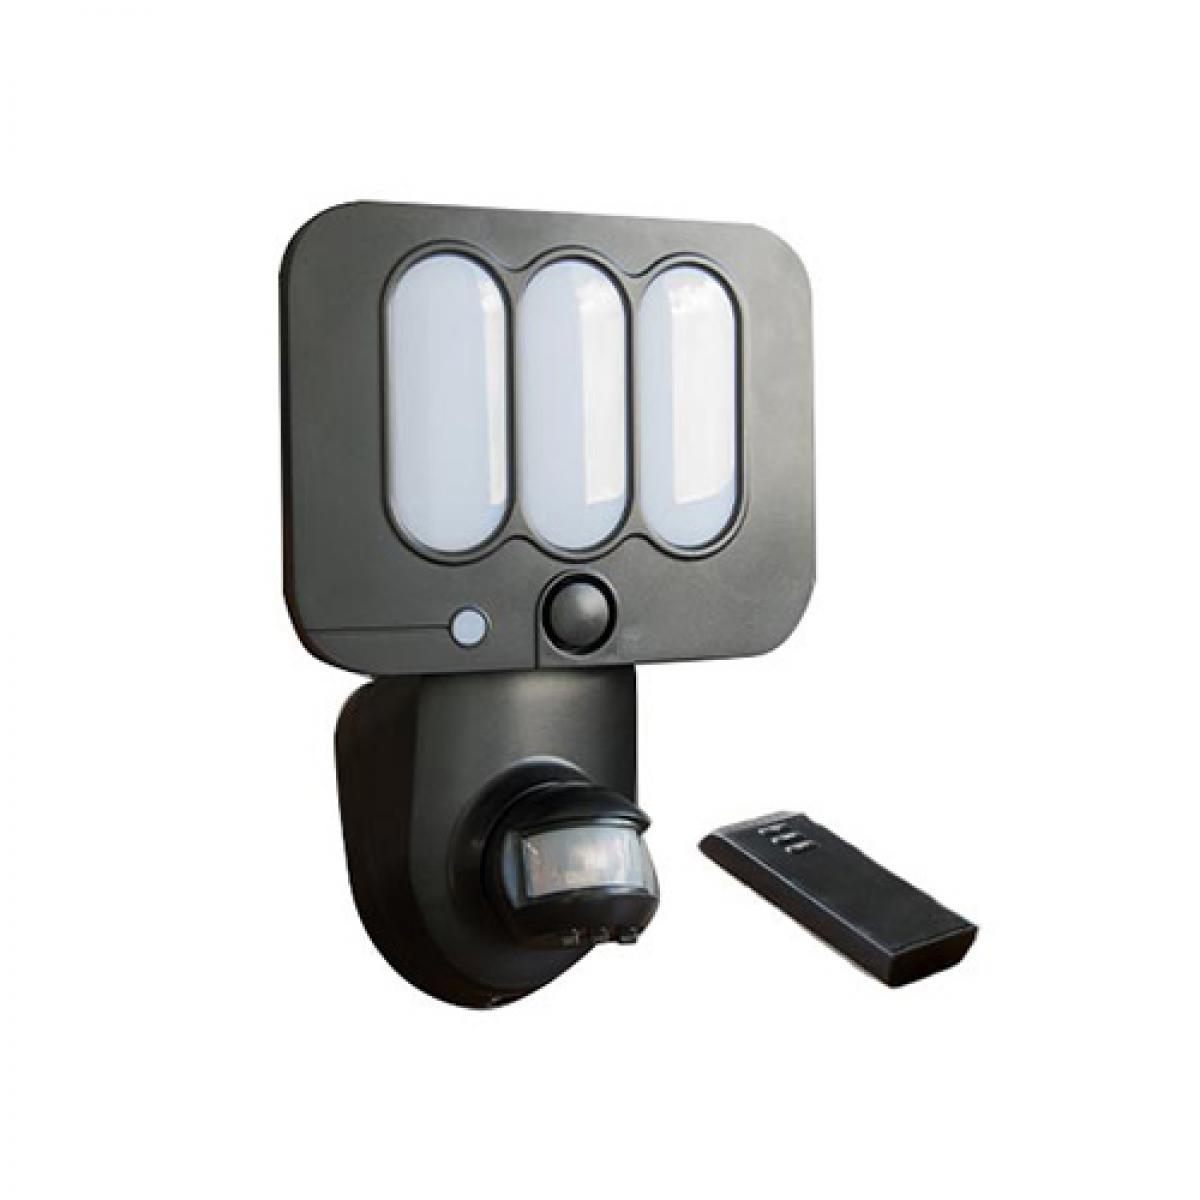 Chromex Projecteur sécurité avec alarme sonore - 600 lumens